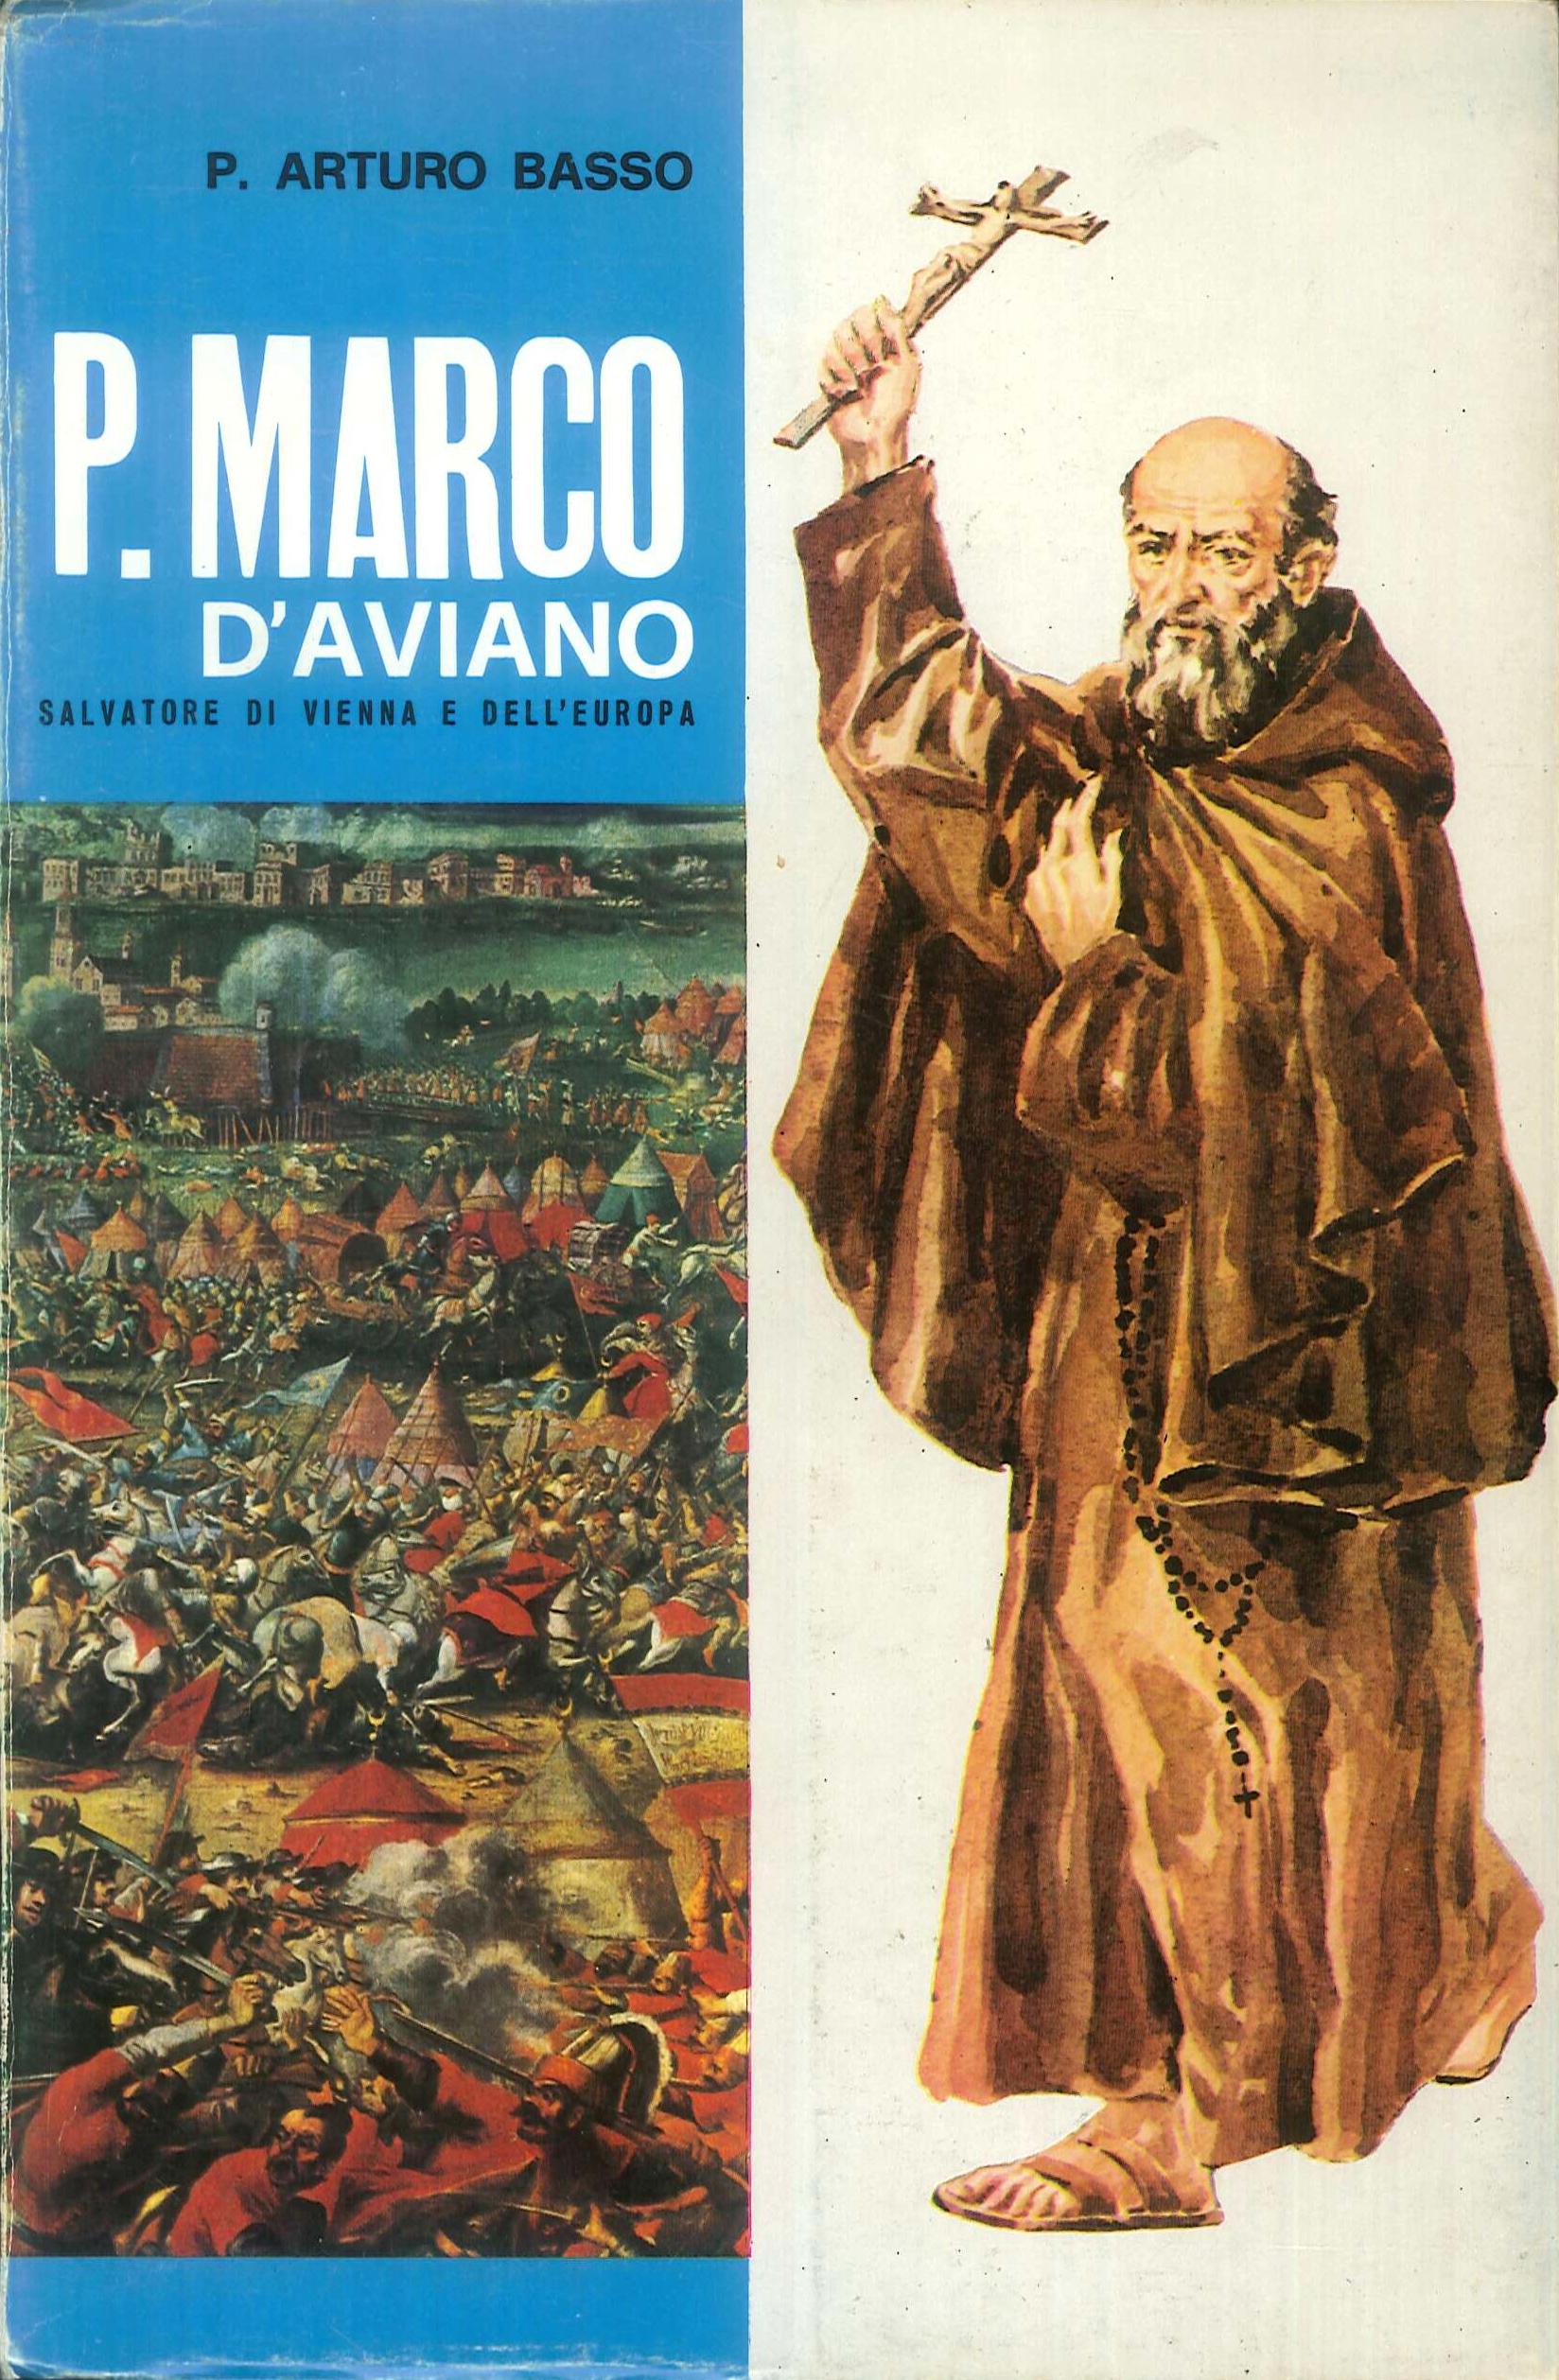 Padre Marco d'Aviano : Salvatore di Vienna e dell'Europa : Profilo biografico / P. Arturo Basso